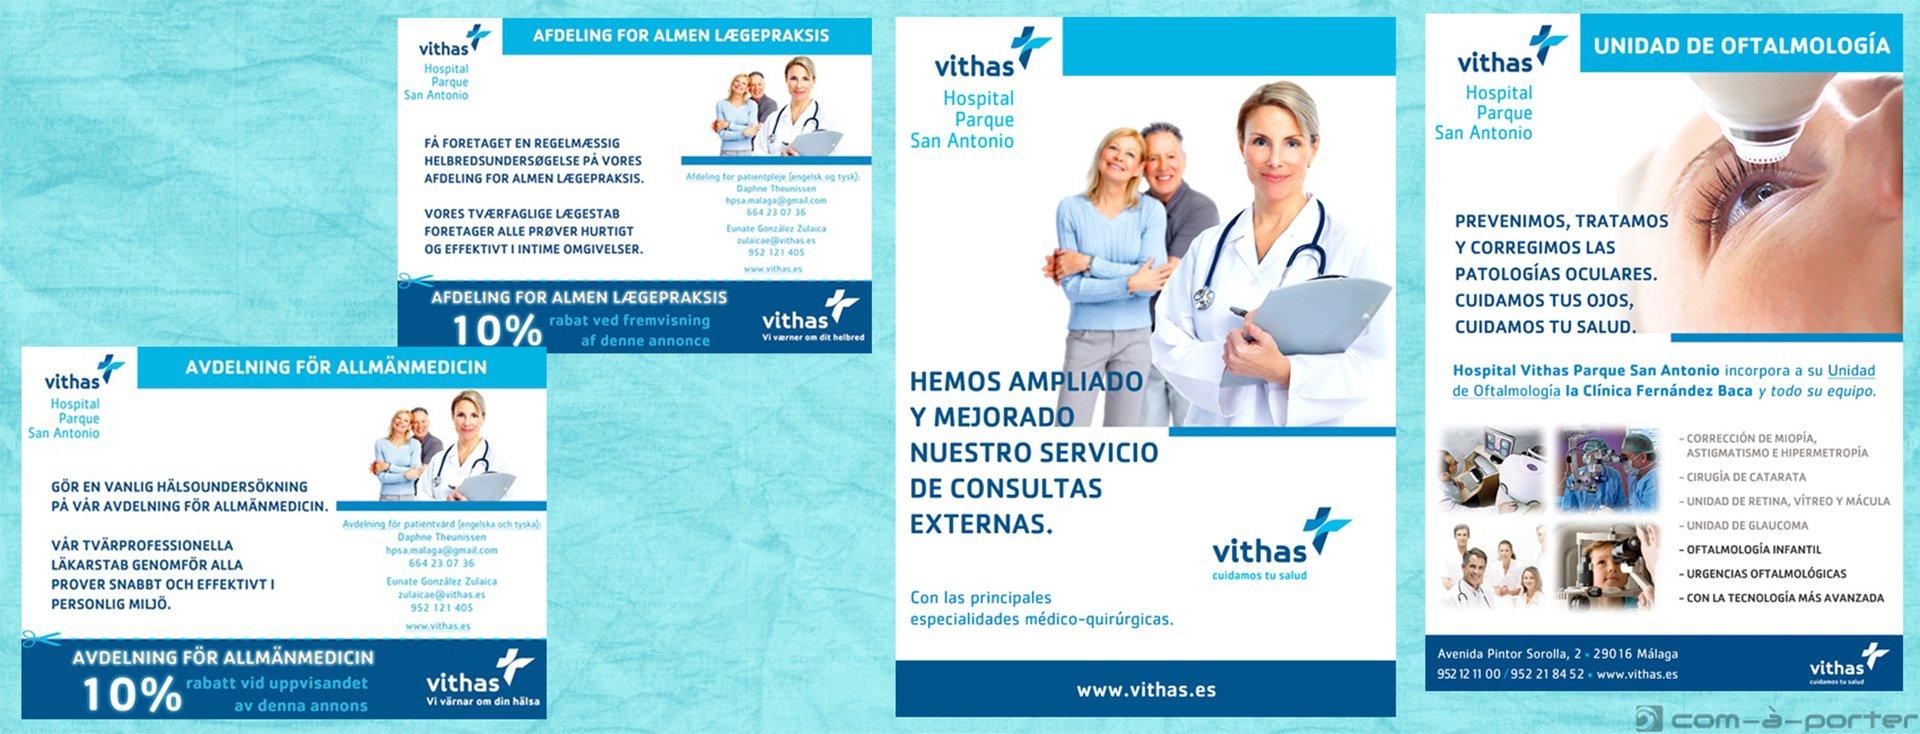 Páginas completas y medias páginas de Publicidad de Vithas Hospital Parque San Antonio